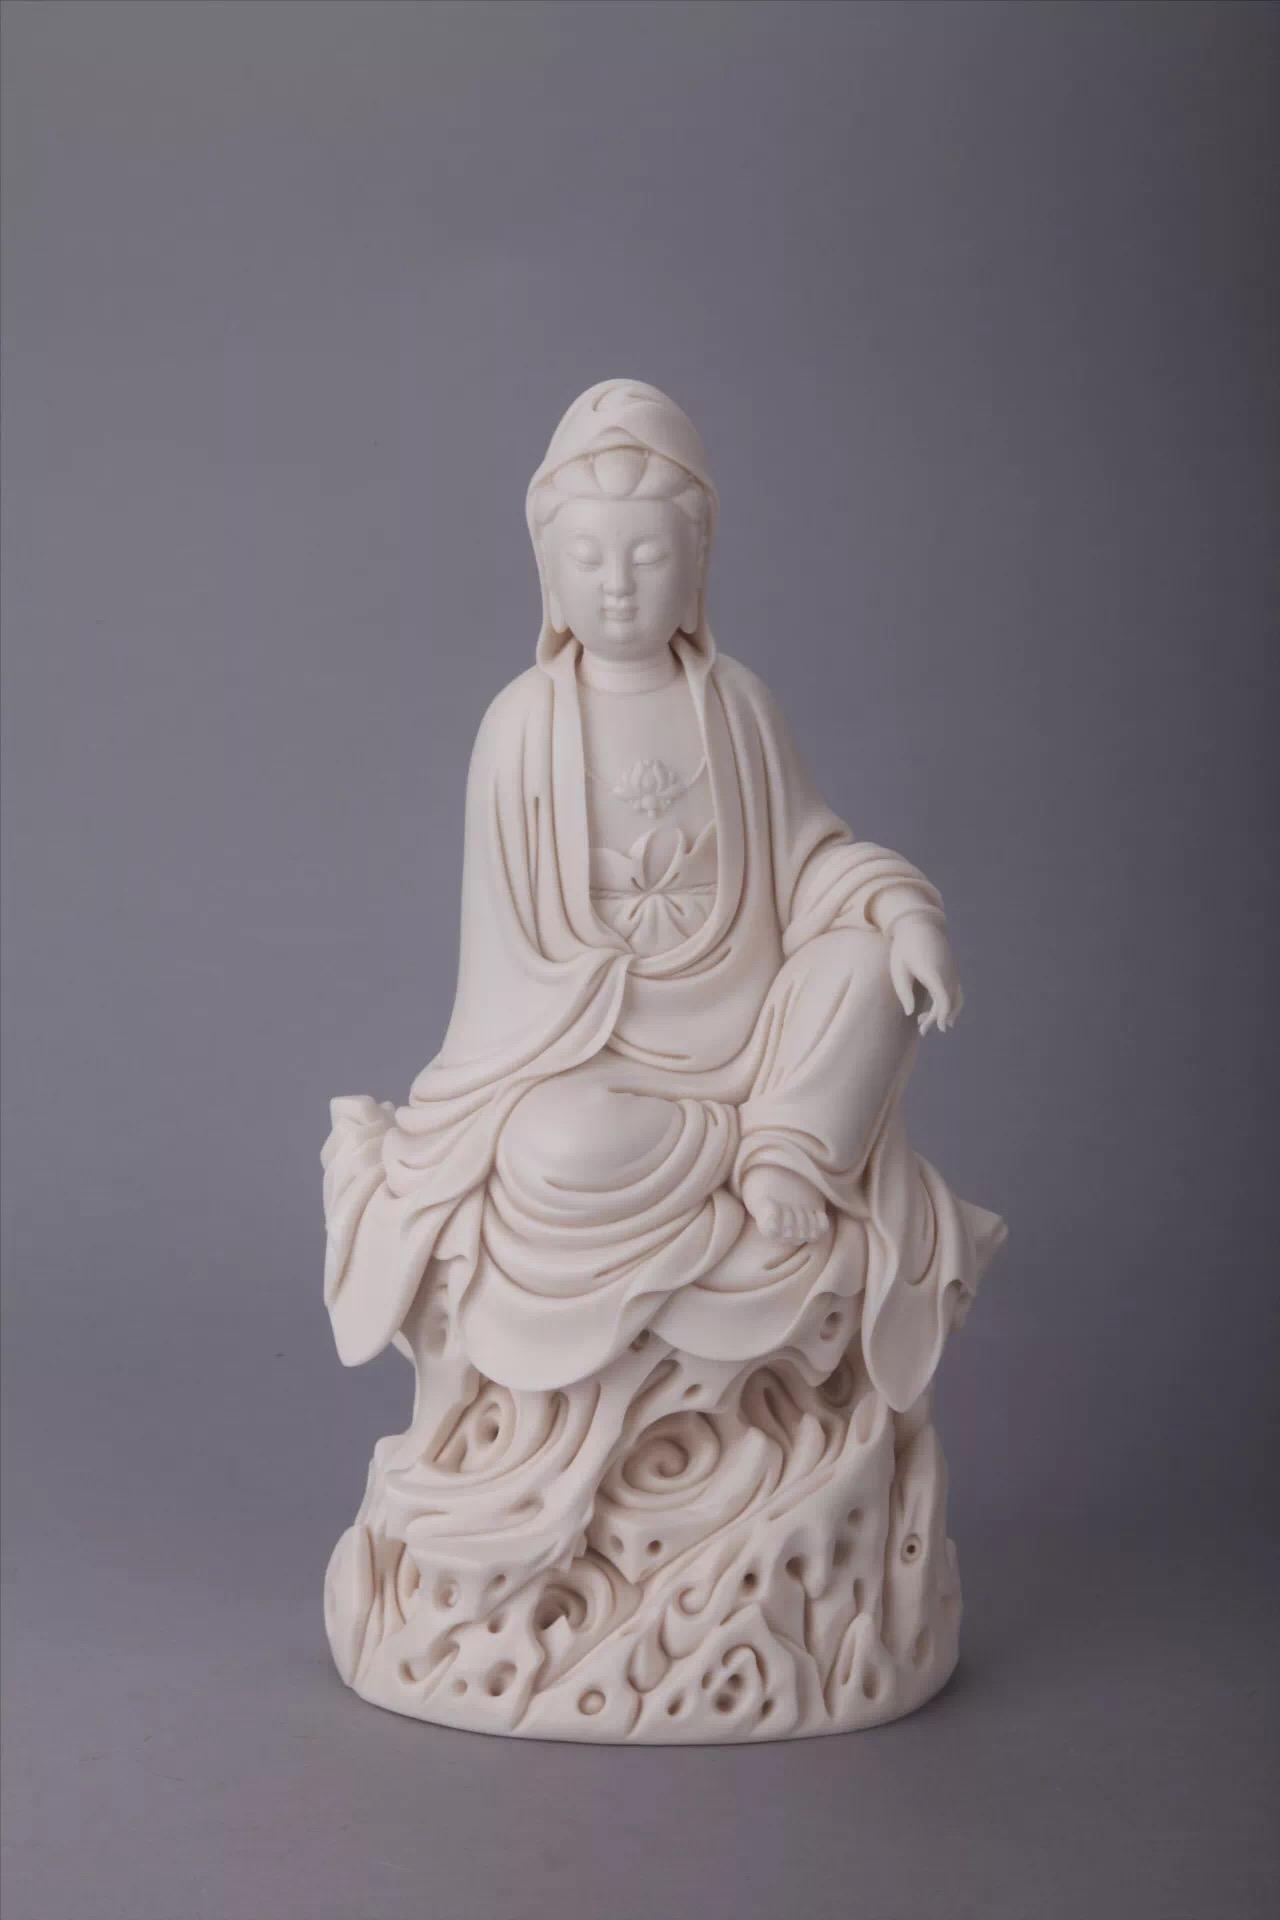 藏德化陶瓷藏品及当代德化县非遗大师的德化陶瓷雕塑作品共计100余件.